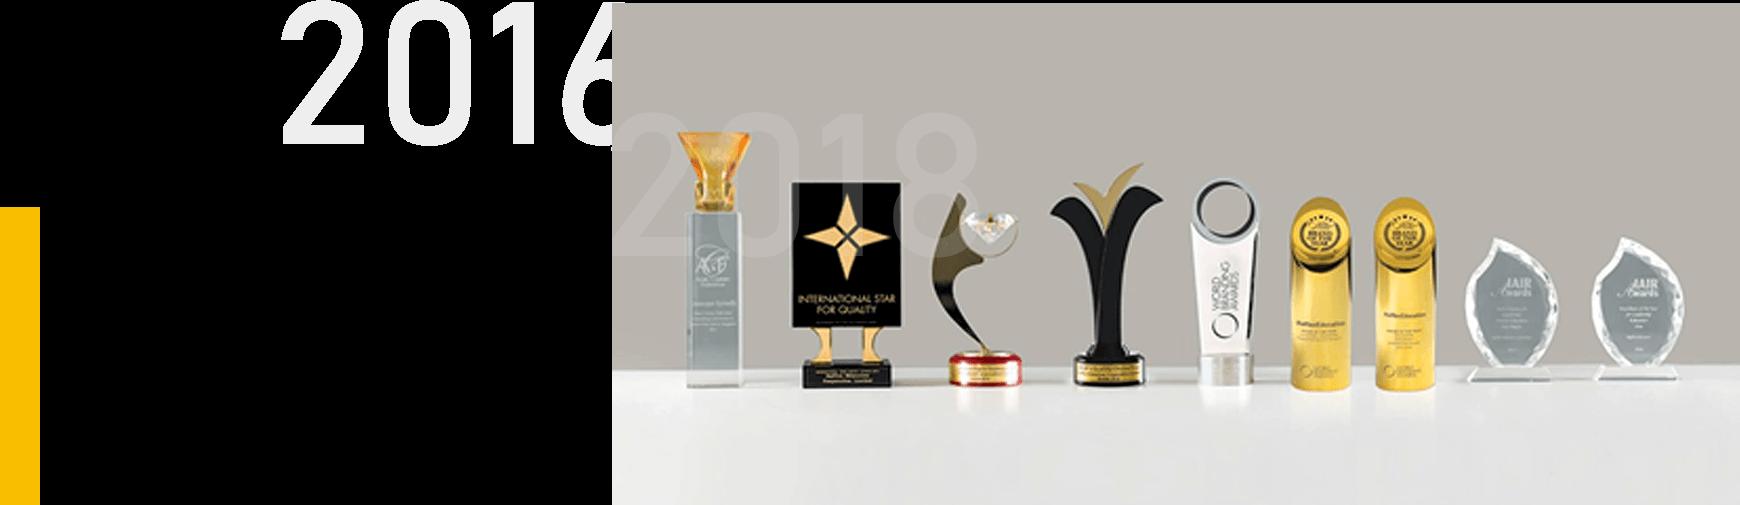 Brand of The Year 2016-2018 World Branding Awards| 2016-2018连续三年被世界品牌| 论坛 WBF评为年度最佳品牌奖